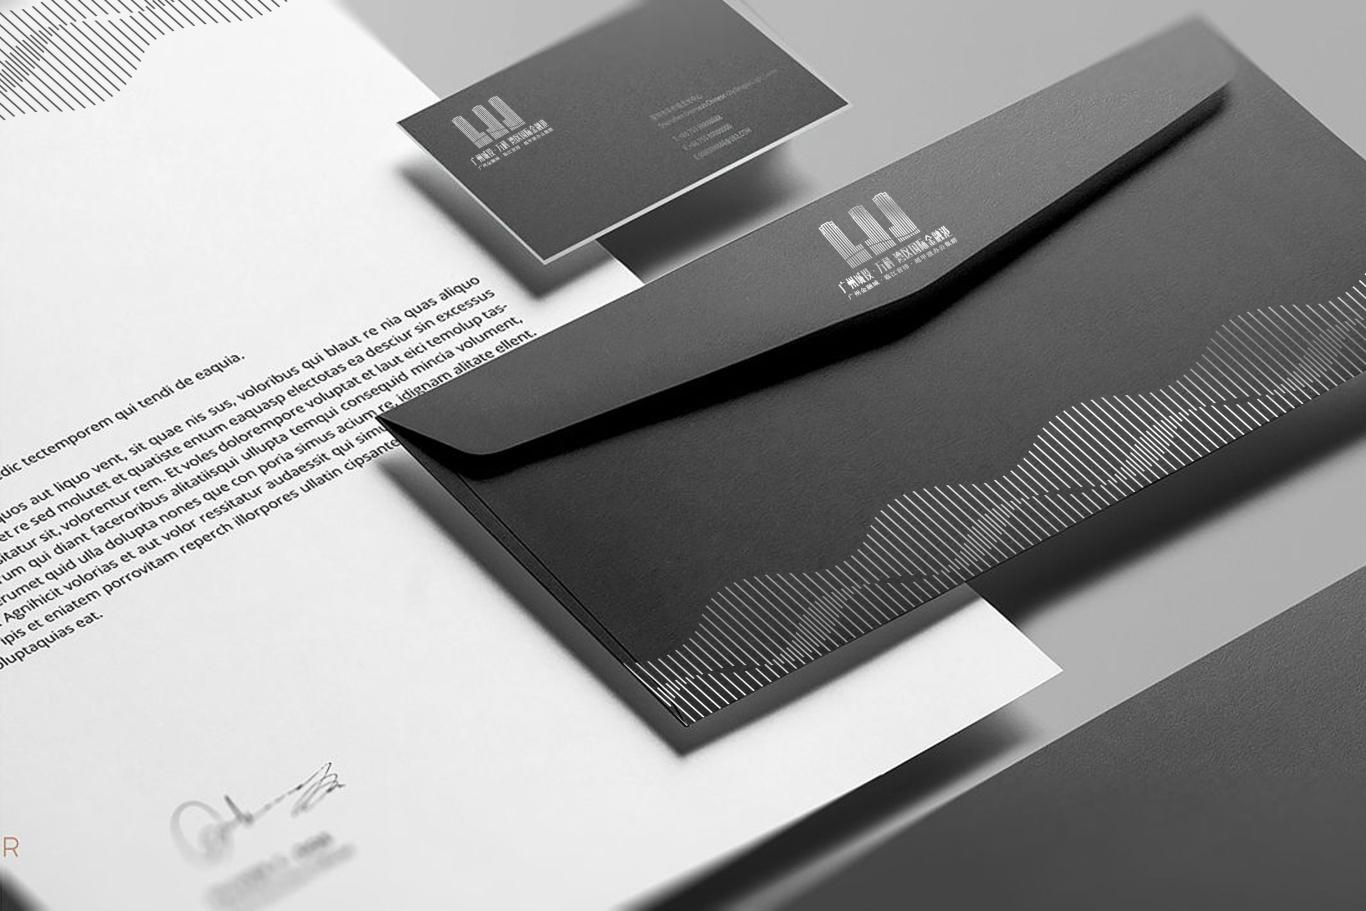 广州城投·万科 湾区国际经融港/品牌包装 VI视觉识别系统设计 地产logo设计图6